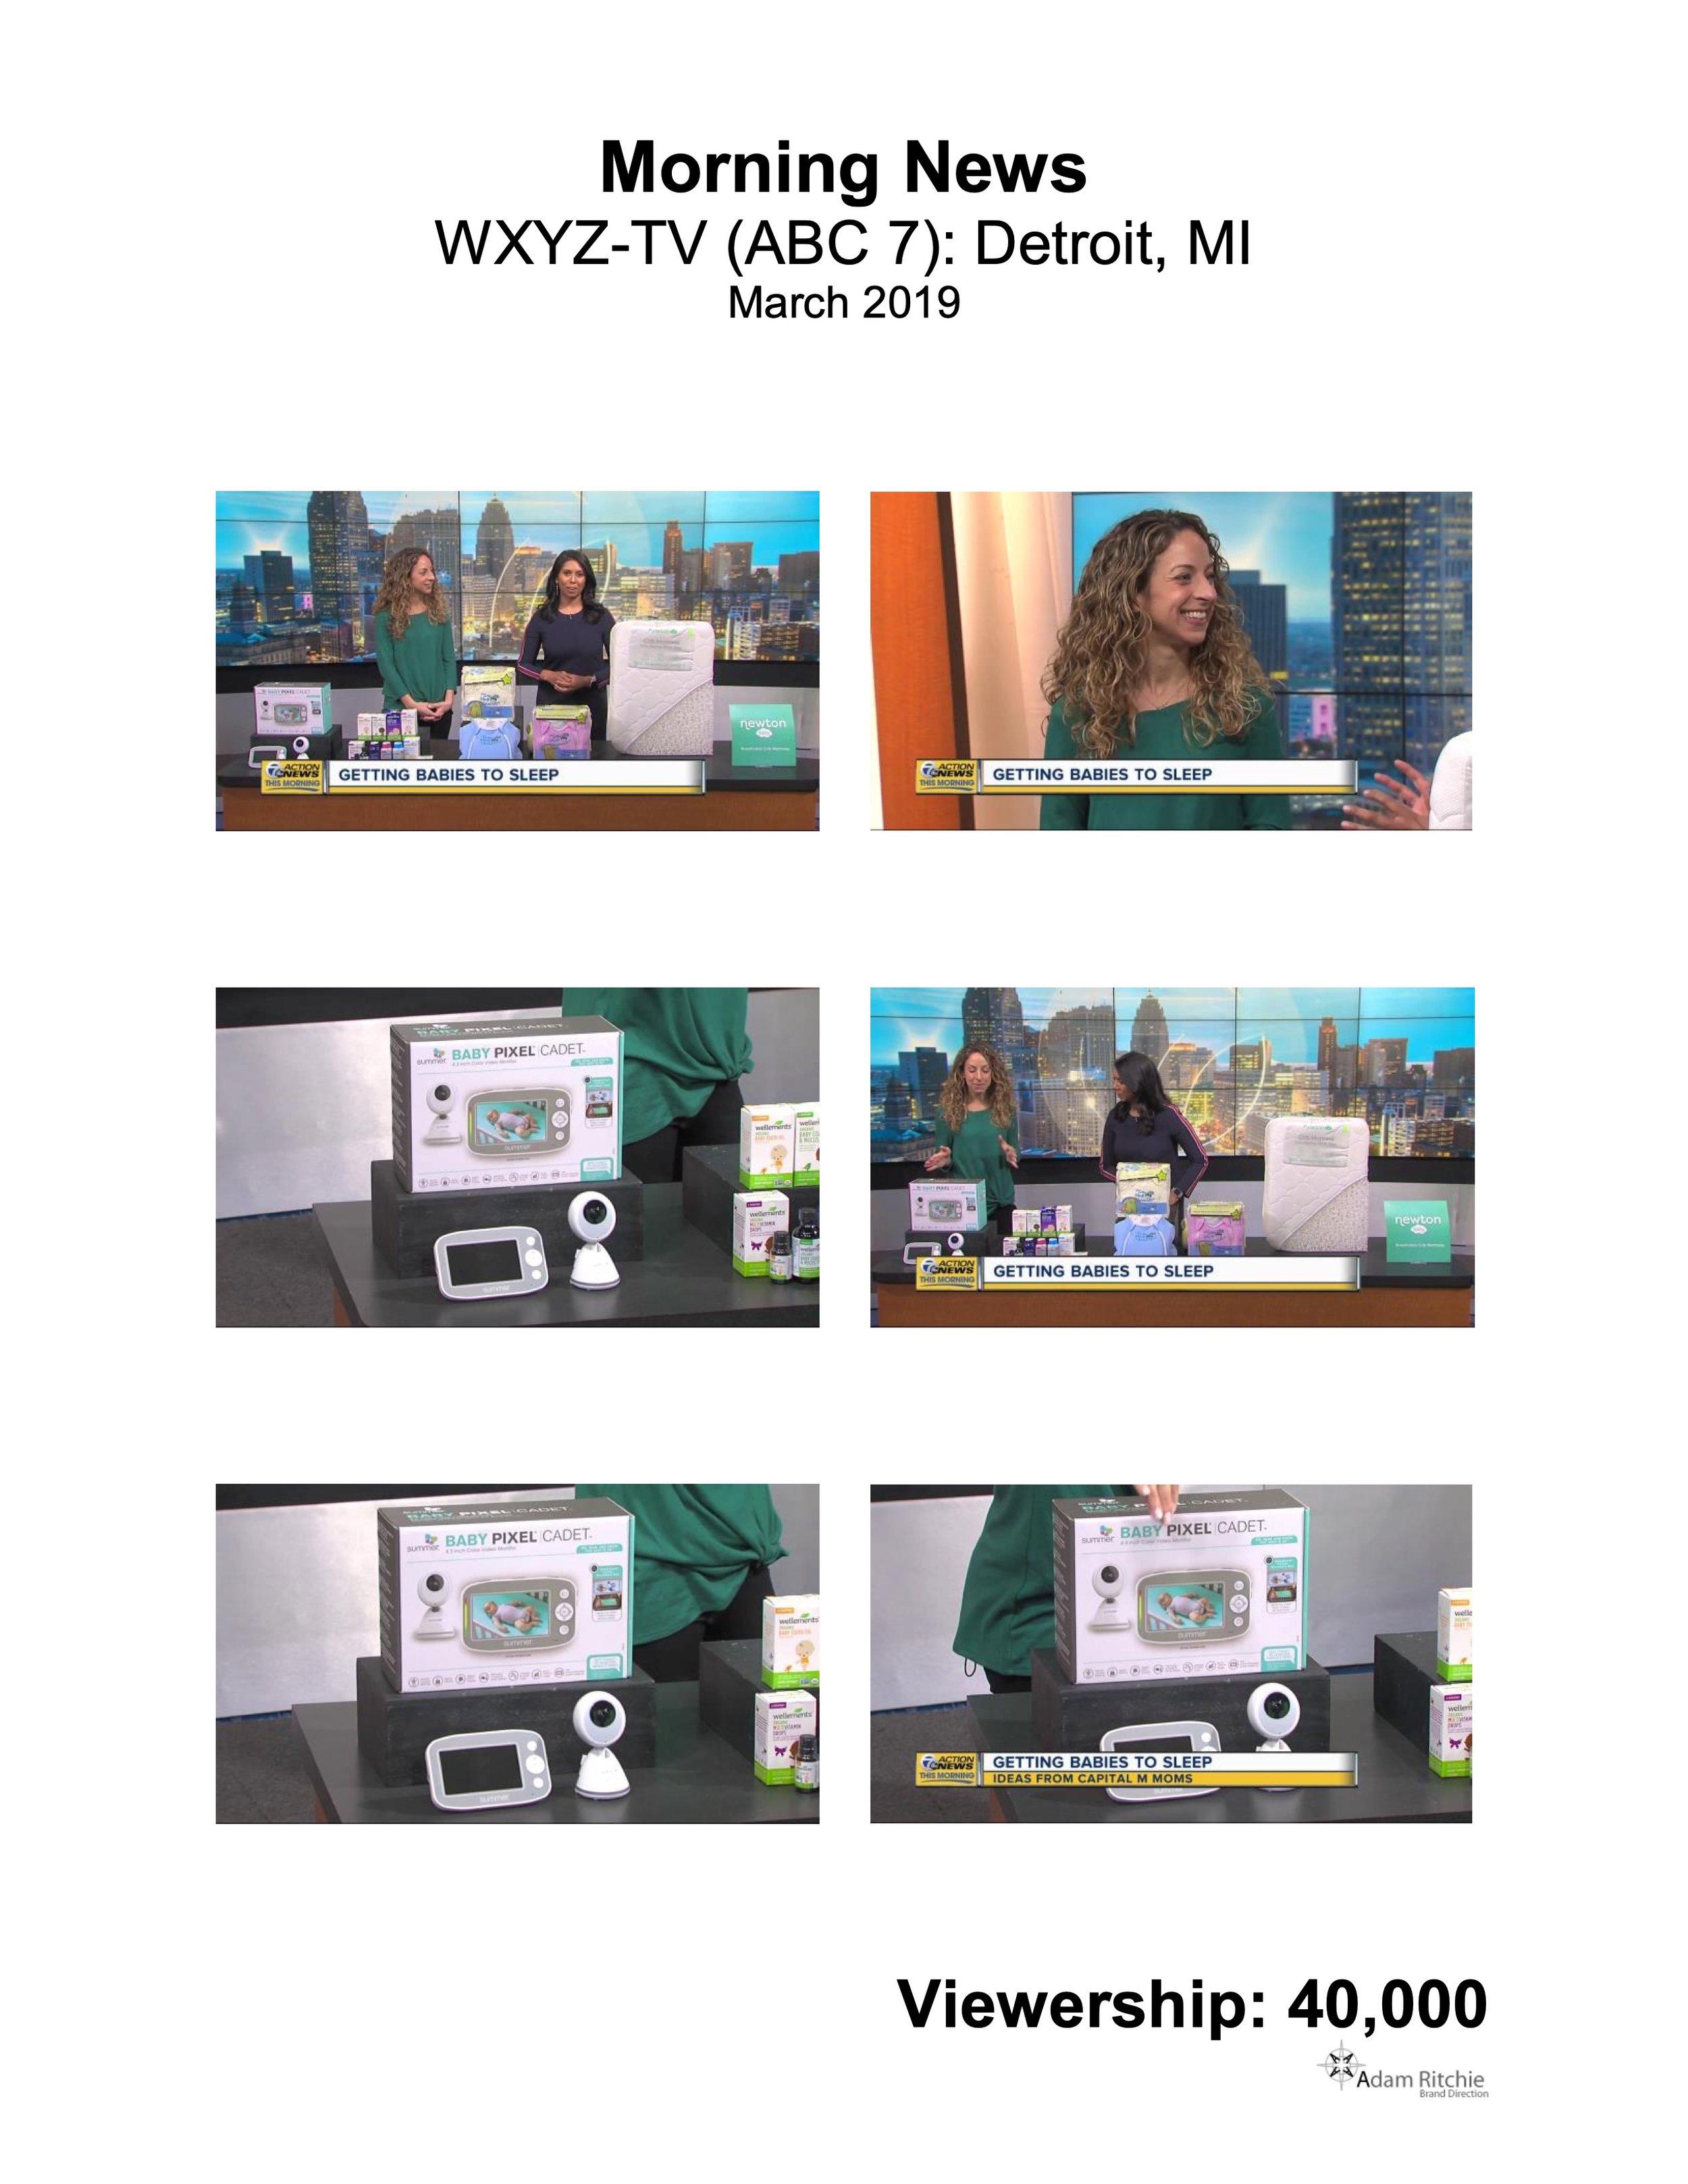 2019.03.17_WXYZ-TV (ABC 7) Online, Detroit, MI_Summer Baby Pixel Cadet Video Monitor.jpeg